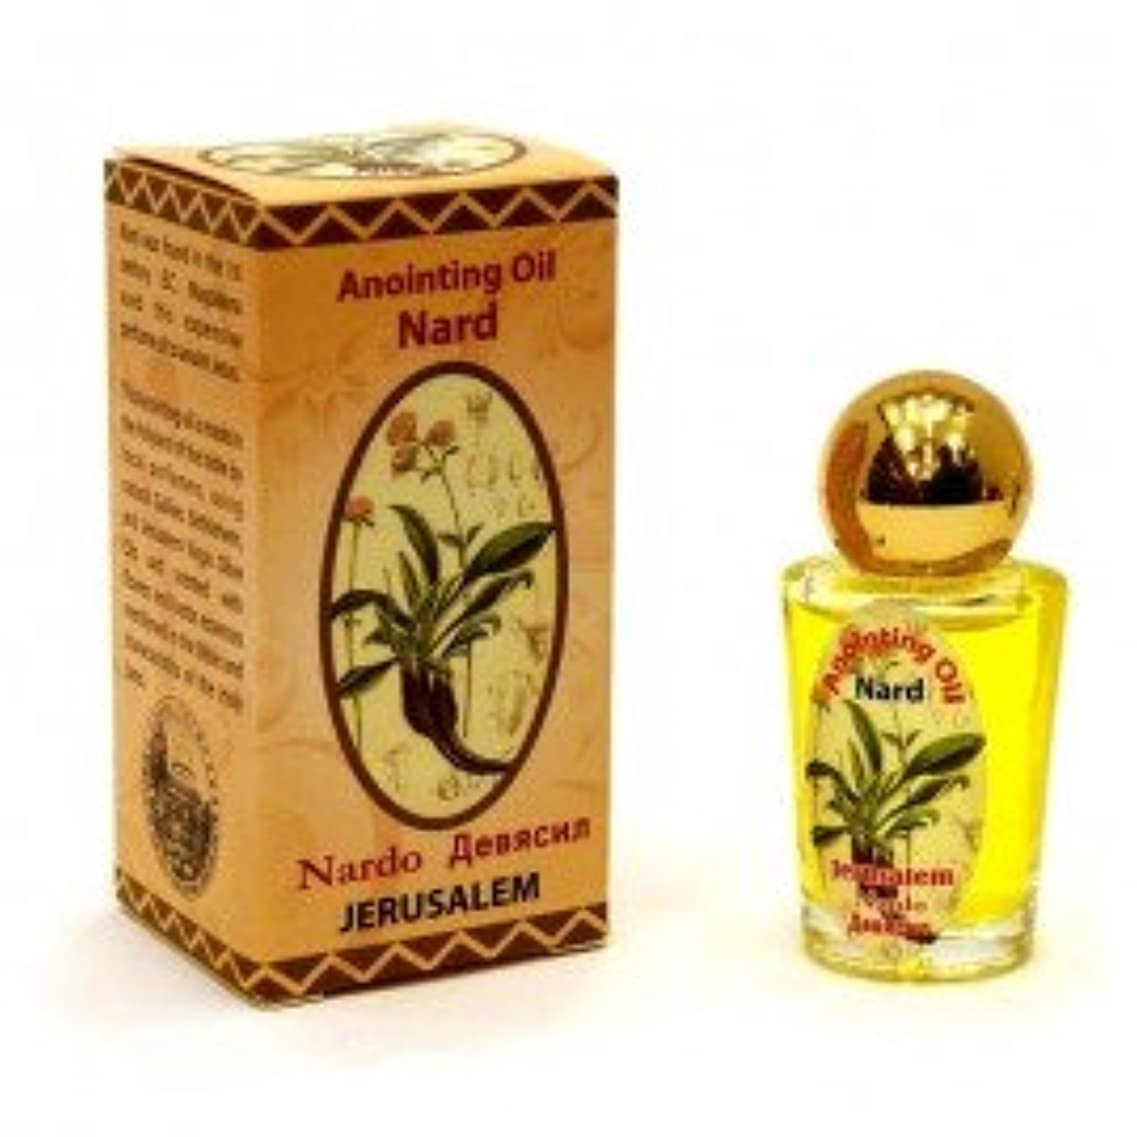 投票モート夜Holy Land Blessed Anointingオイル30 ml Biblical Fragrance Jerusalem byベツレヘムギフトTM